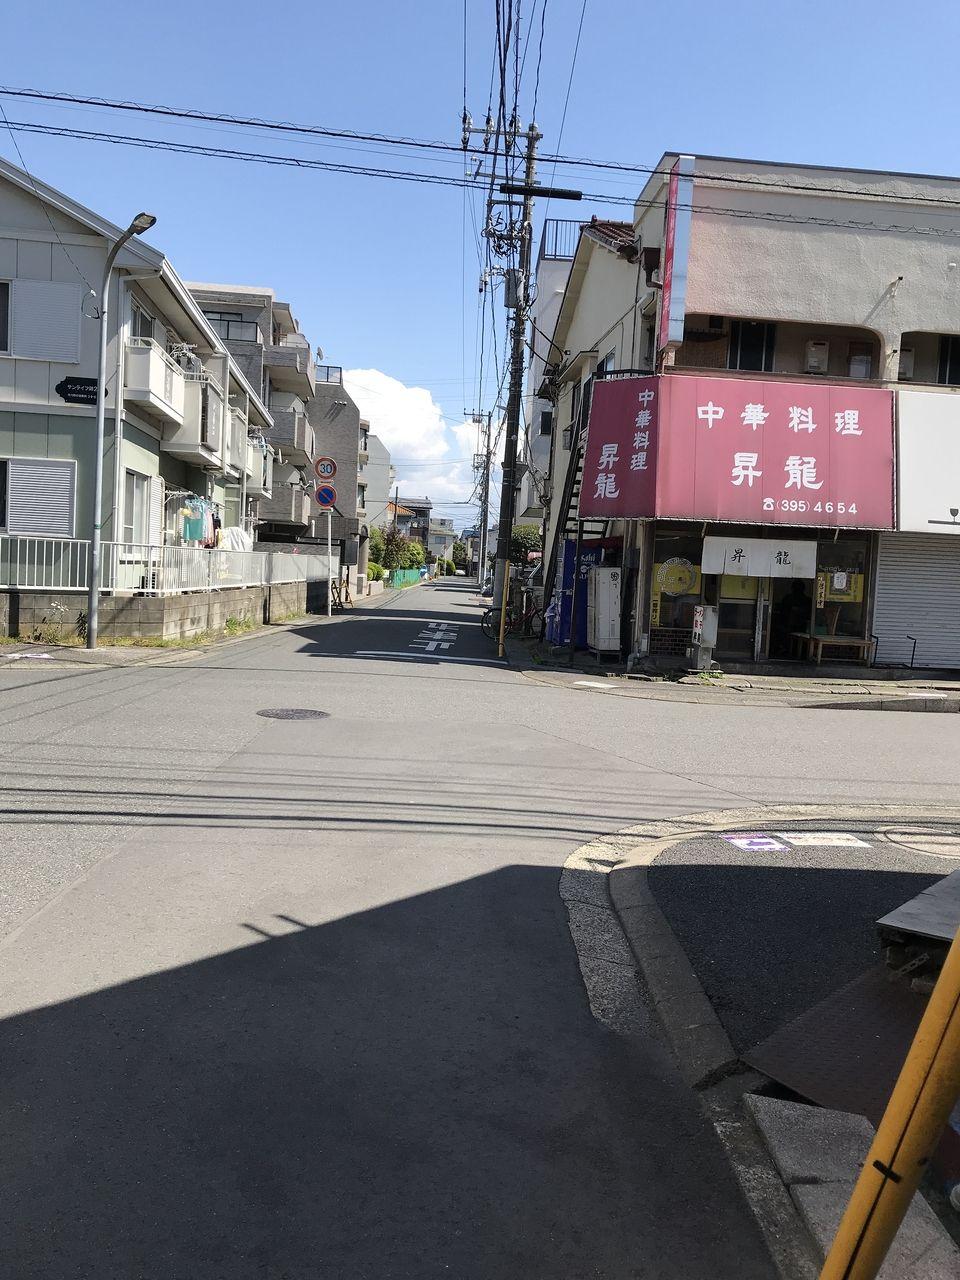 行徳の昇龍の通りから見たお店